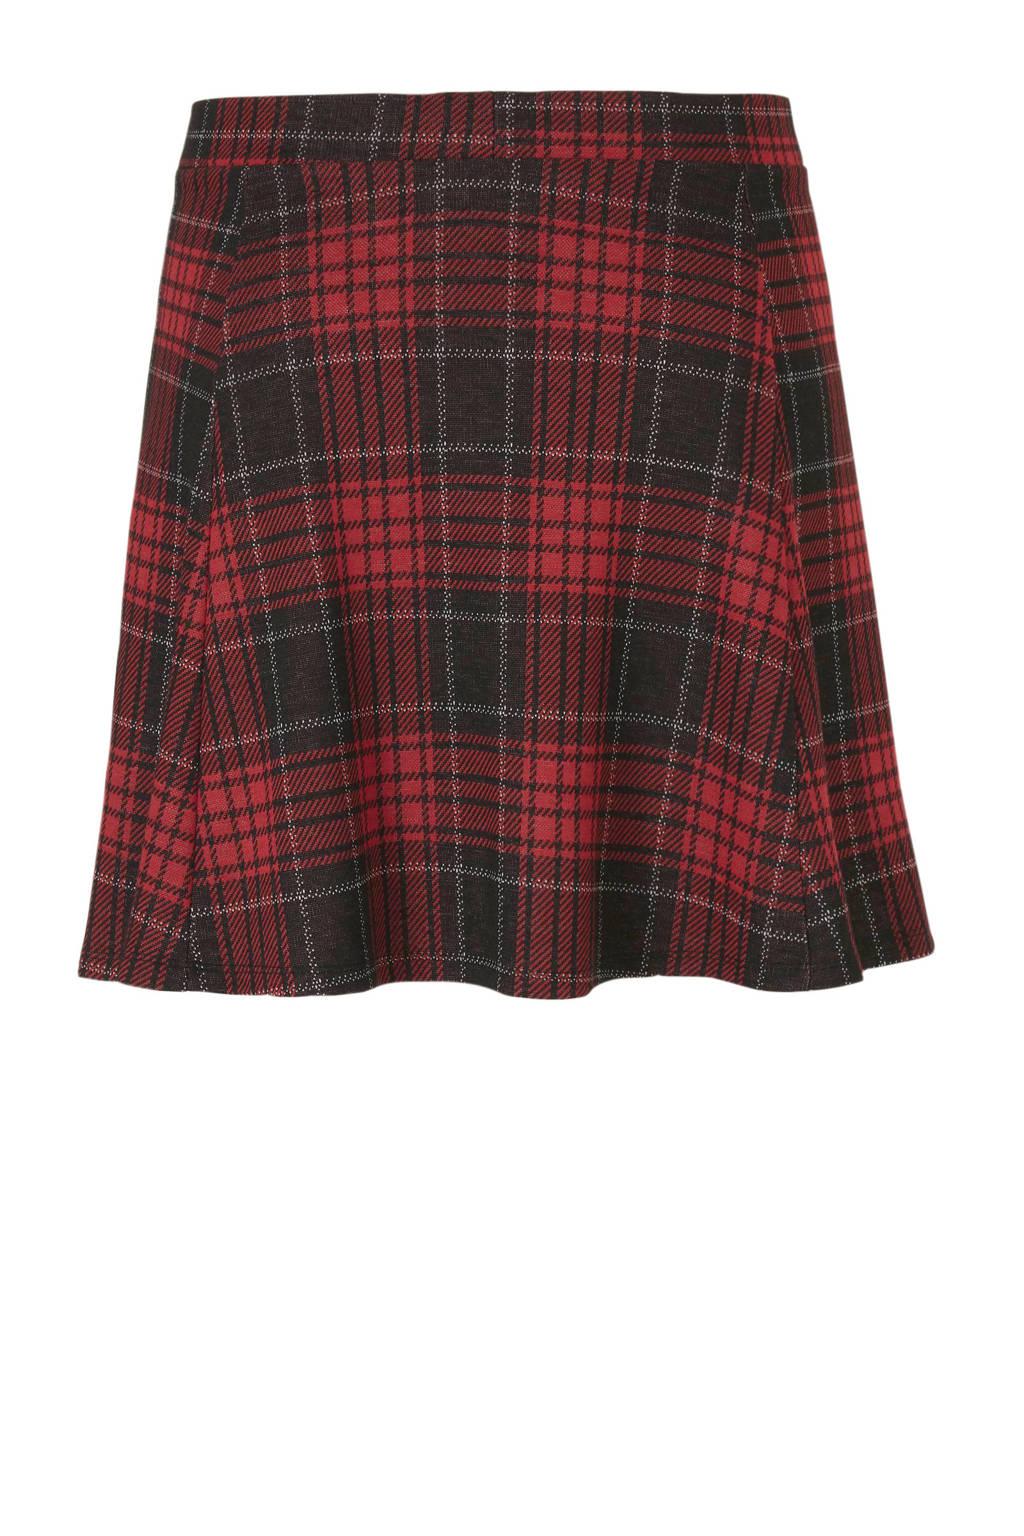 C&A XL Clockhouse geruite rok rood/zwart, Rood/zwart